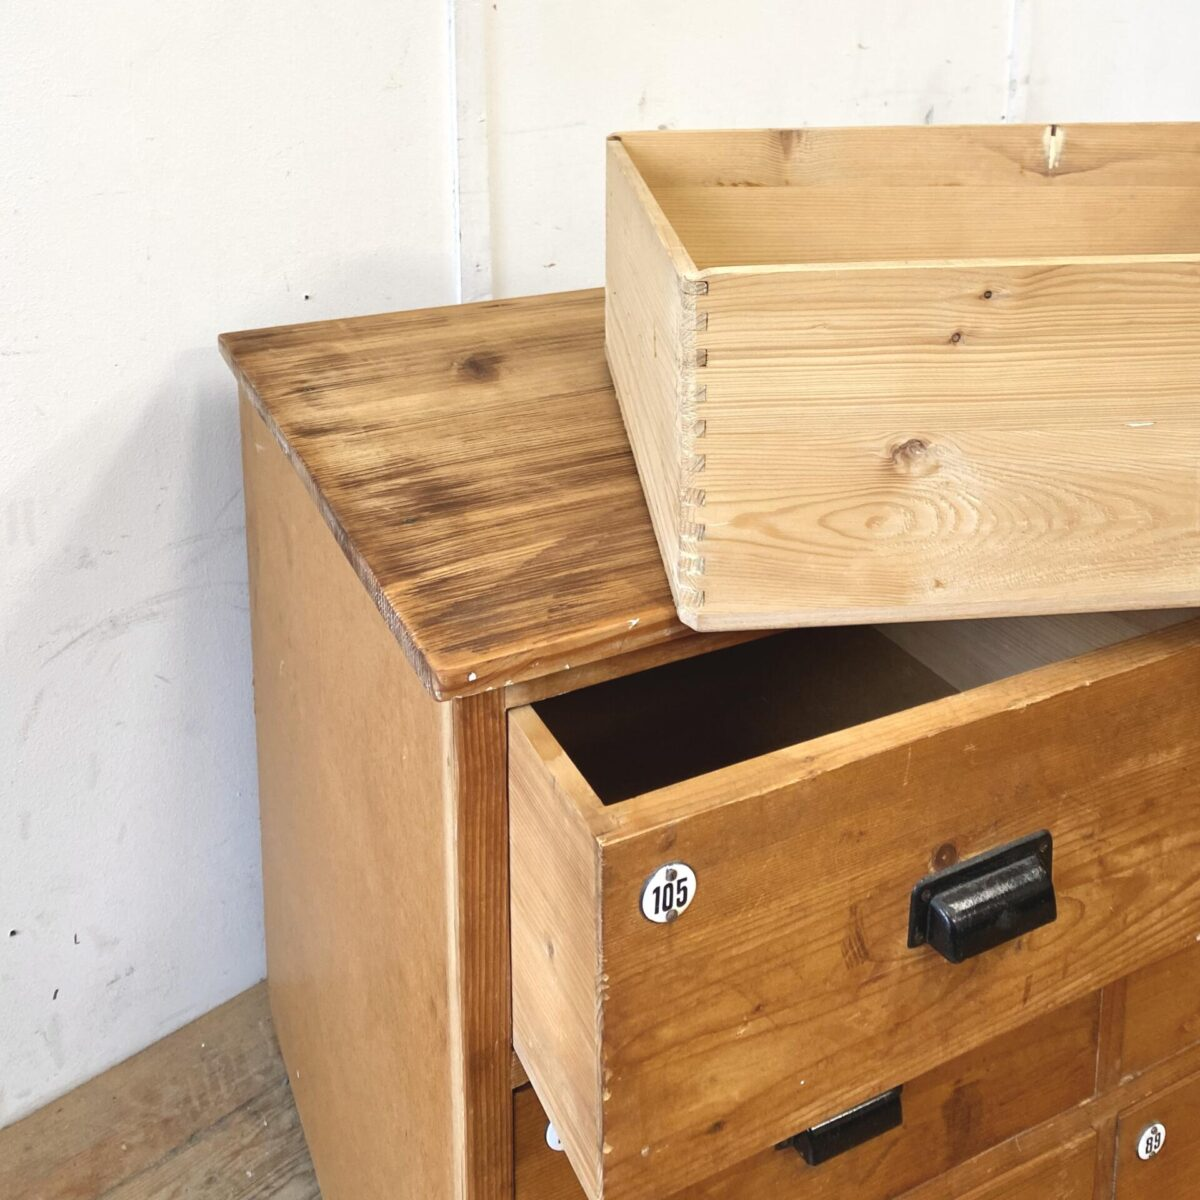 Deuxieme.shop industrial Schubladenkorpus. Schubladenmöbel aus Tannenholz mit schwarzen Muschelgriffen und Emaille Nummern. 203x67cm Höhe 79cm. Die Seiten und Rückwand der Kommode ist aus Pavatex, Schubladenböden ebenfalls. Geeignet für Kleider oder Wohnzimmer, als Werkstatt Möbel sind die Schubladen wohl zu wenig robust.